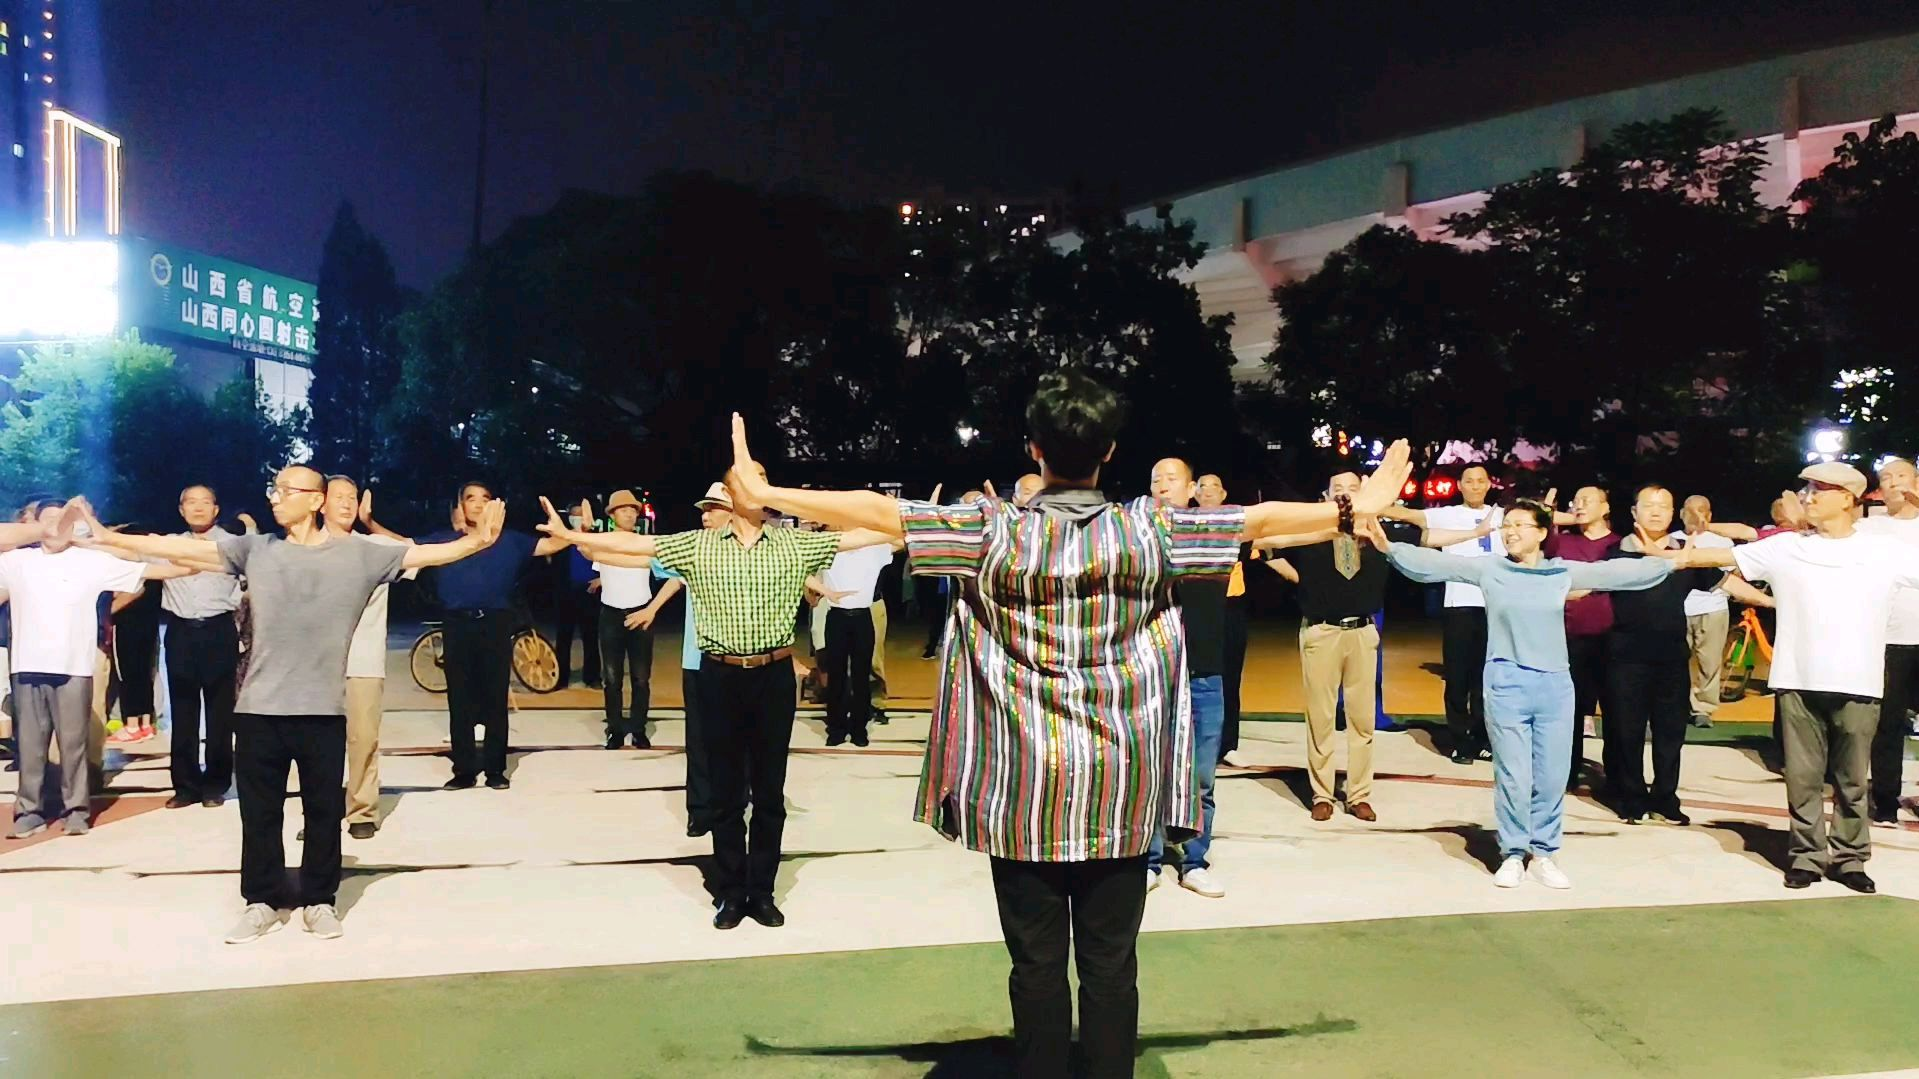 新疆舞男步教学视频